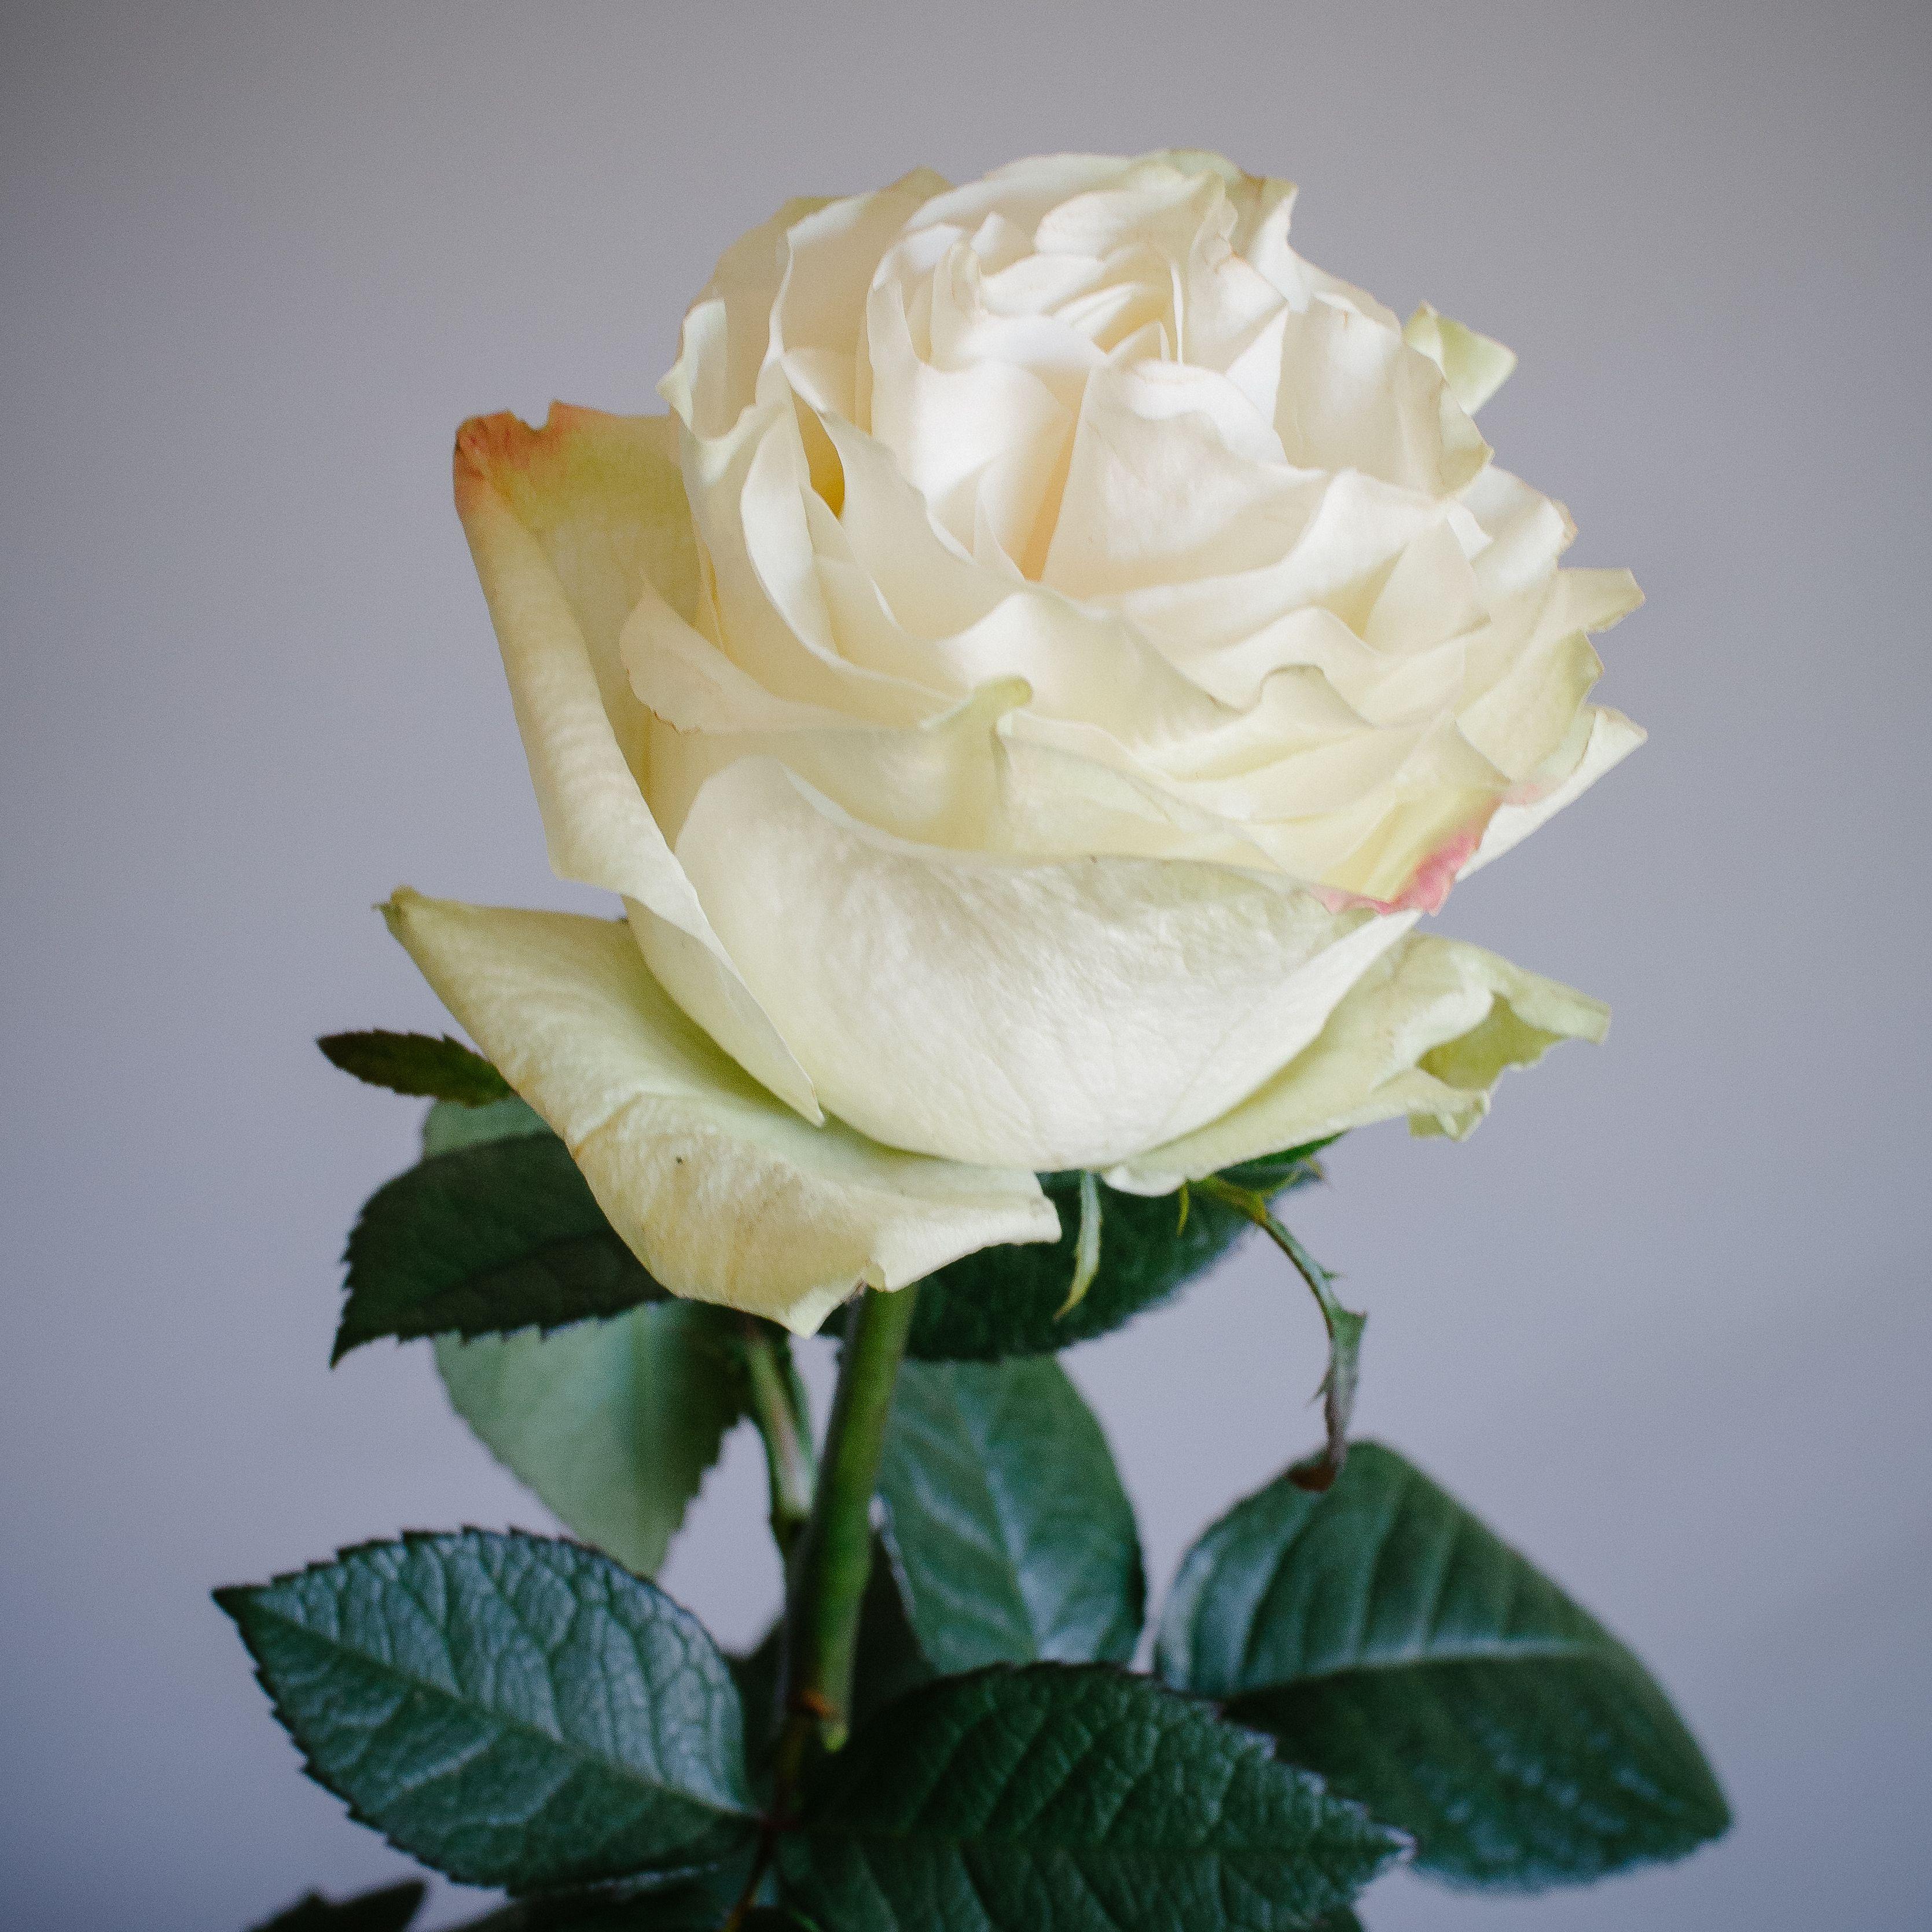 Cream Garden Rose meet moonstone, one of our new cream garden rose varieties